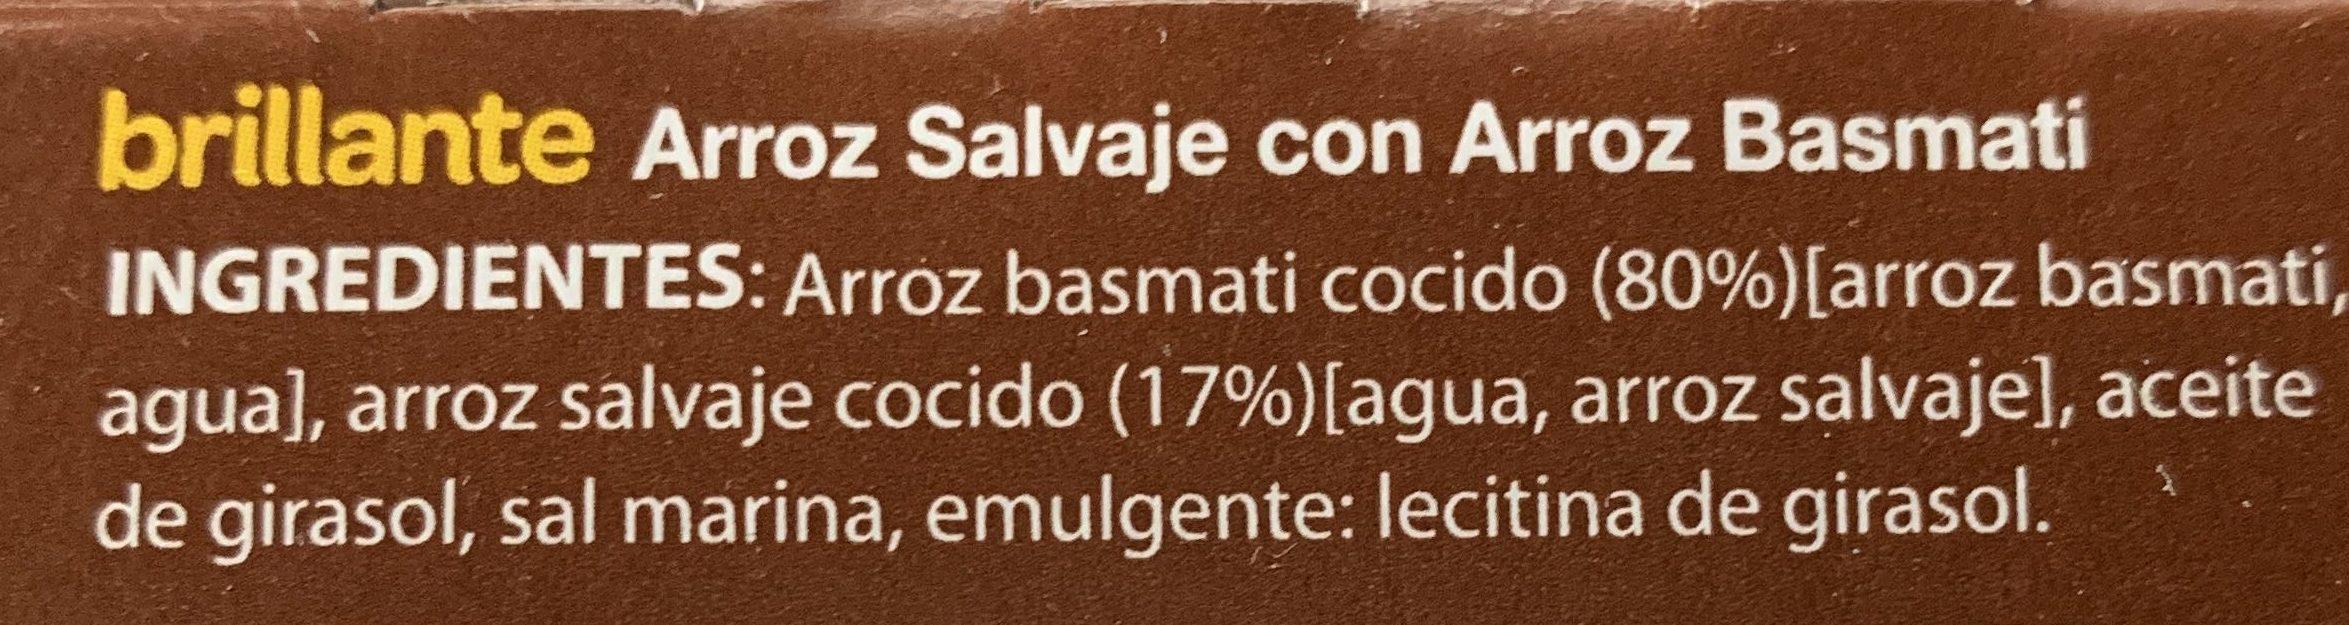 Arroz basmati salvaje cocido para guarnición pack 2 envases 125 g - Ingredientes